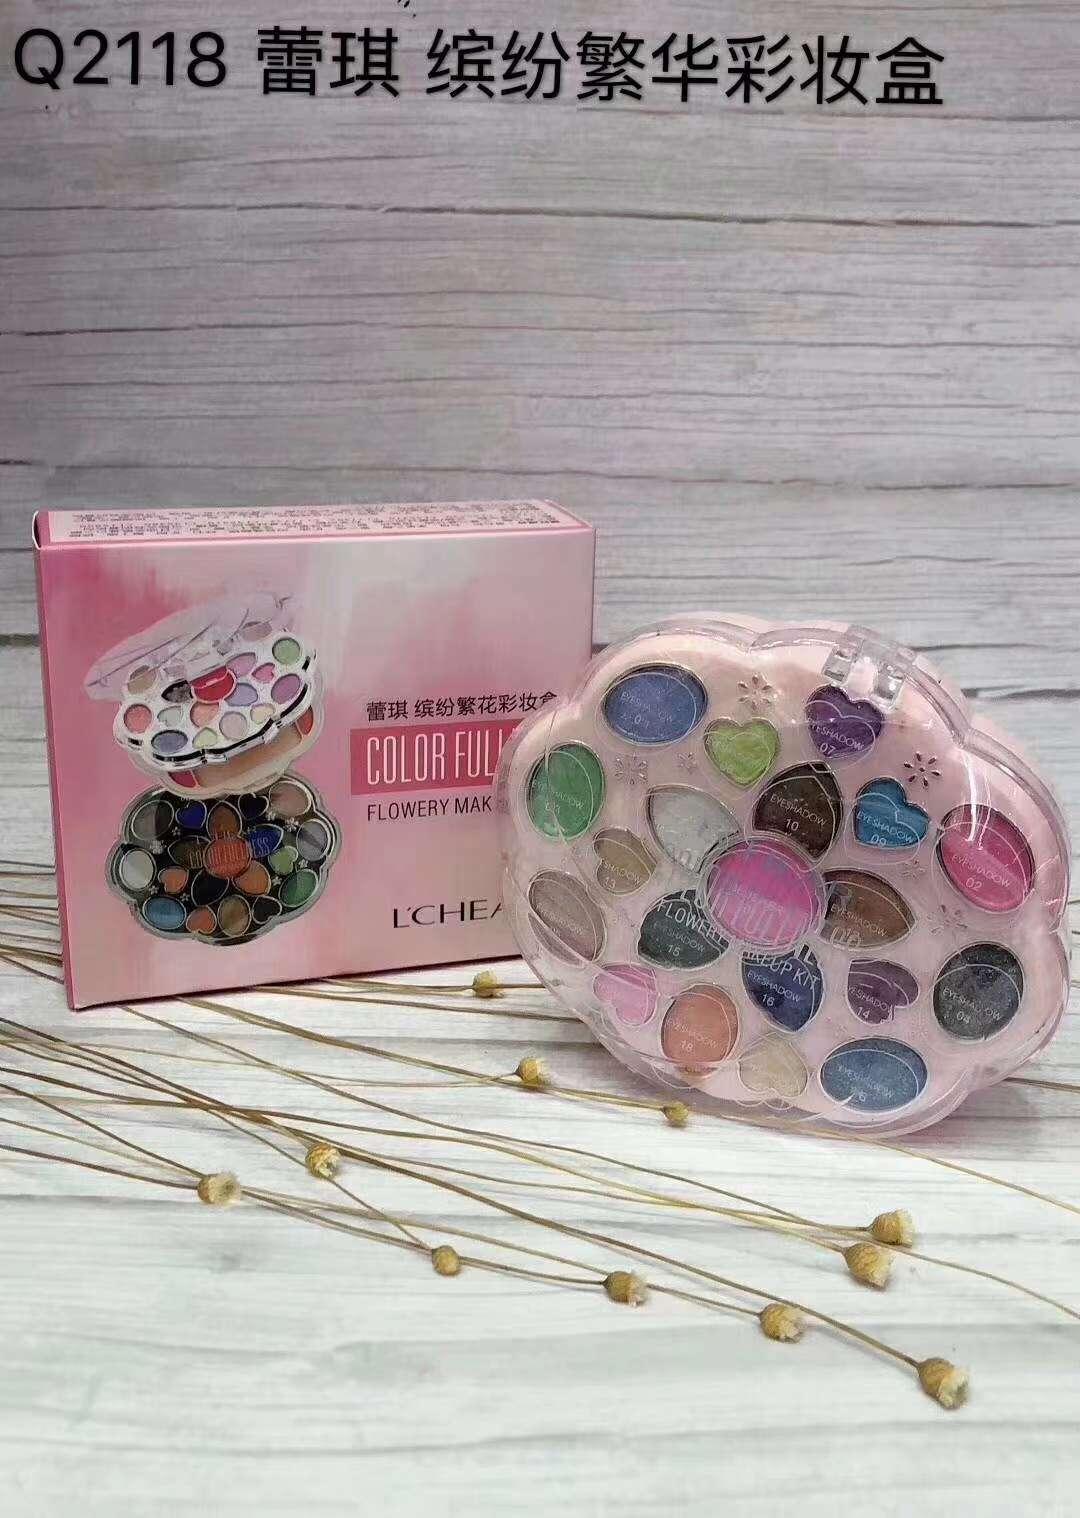 新款化妆盒🎉🎉🎉 Q2118 蕾琪缤纷繁华彩妆盒  ❗️❗️升级版❗️❗️ ( P3082-2 同款化妆盒) ❗️